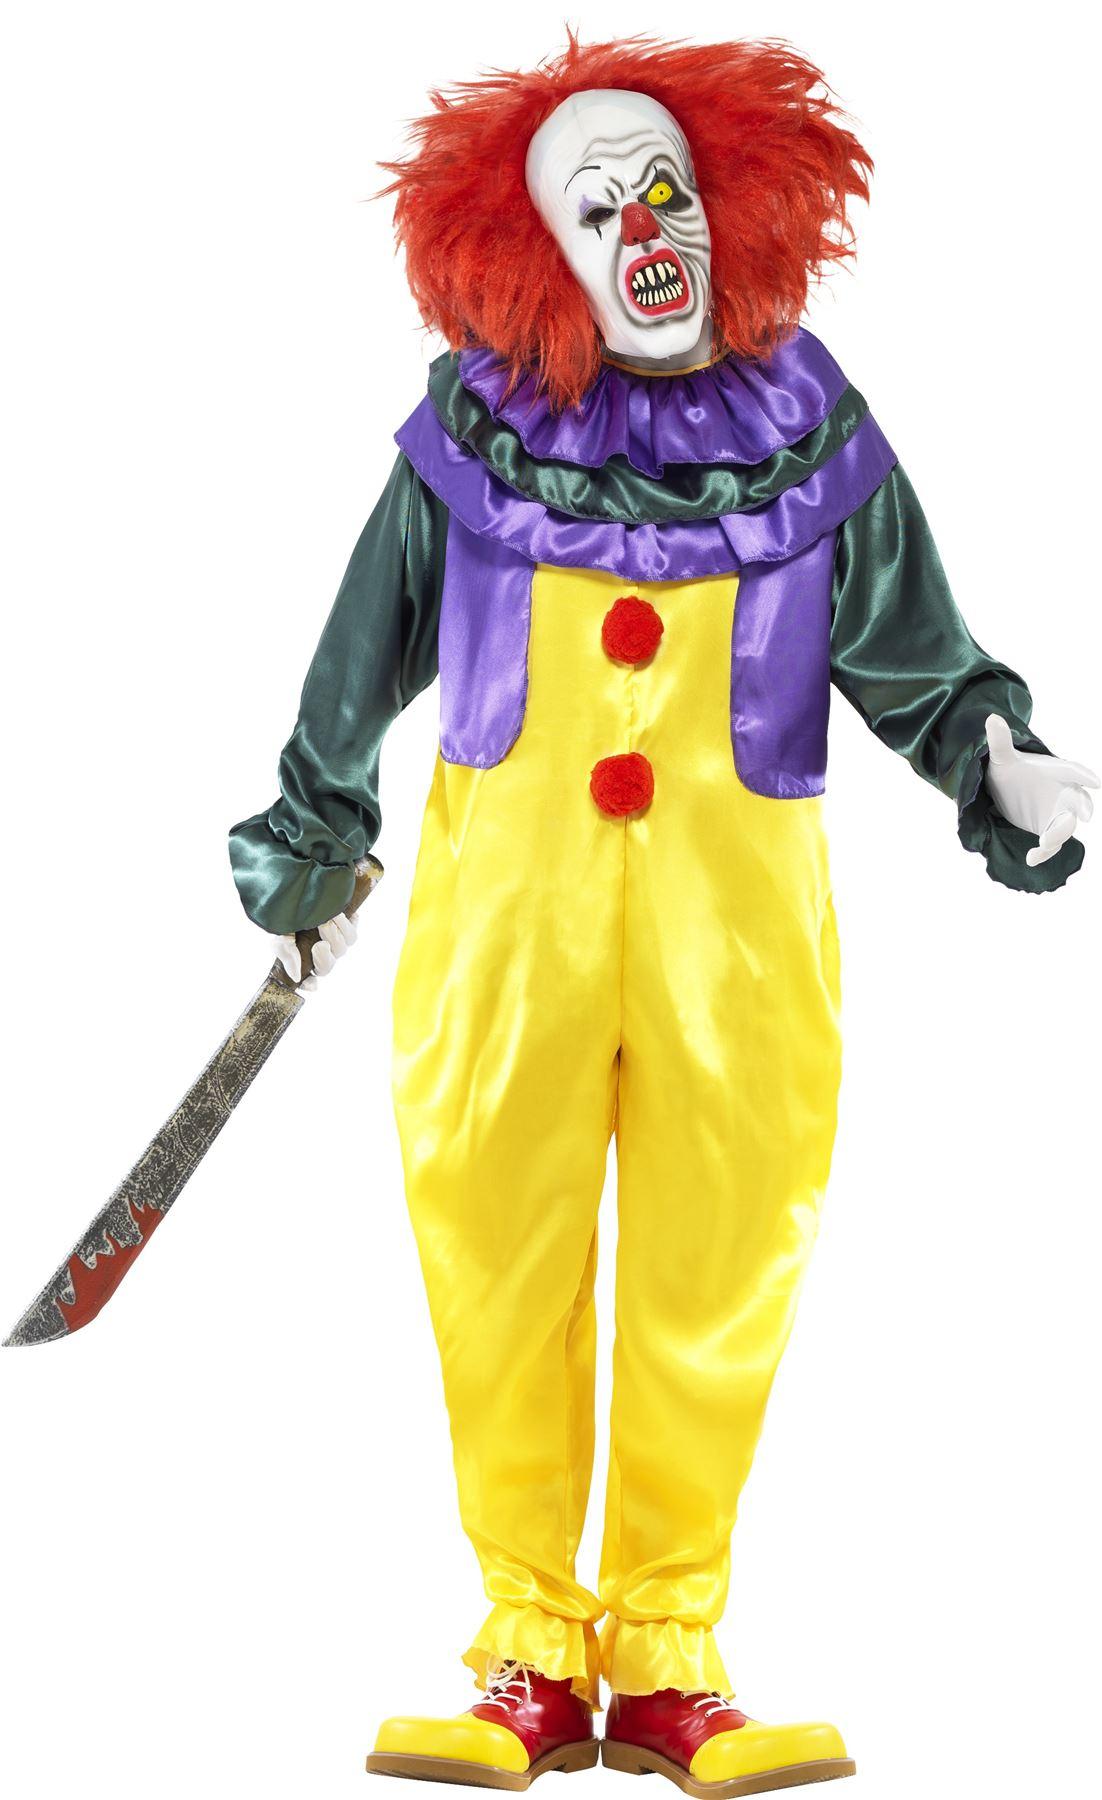 Para-Hombre-Disfraz-aterrador-que-Payaso-Malvado-Vestido-Elaborado-Halloween-Disfraz-Adulto